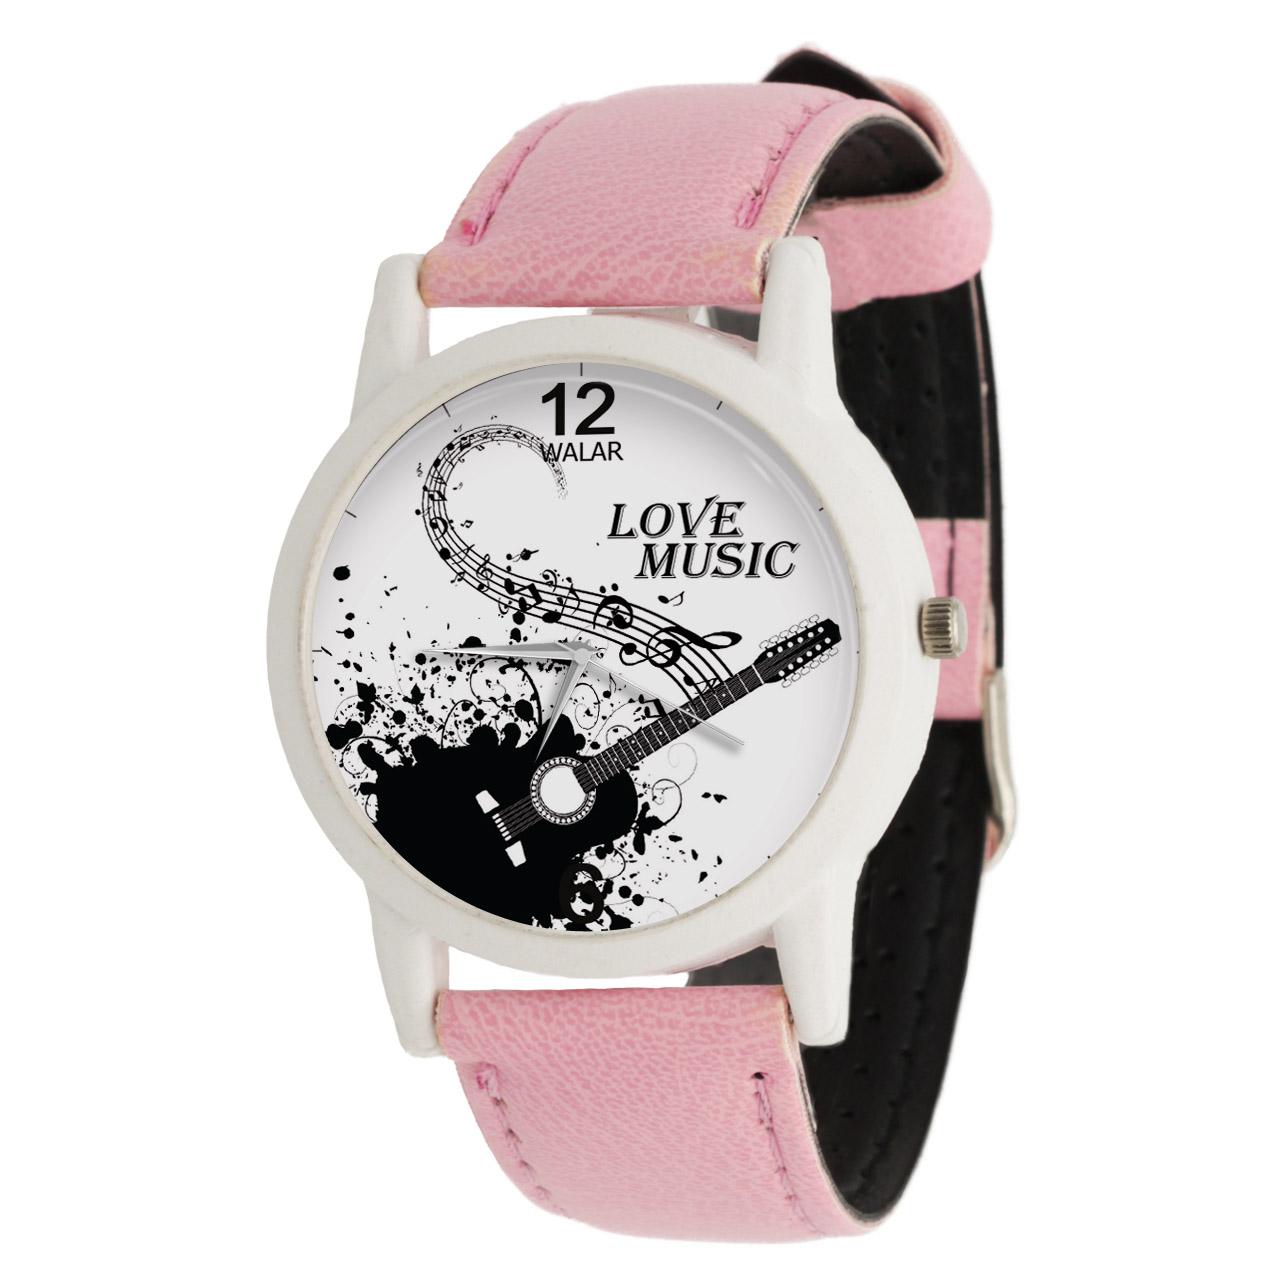 ساعت مچی عقربه ای زنانه والار طرح موسیقی کد LF1760              خرید (⭐️⭐️⭐️)